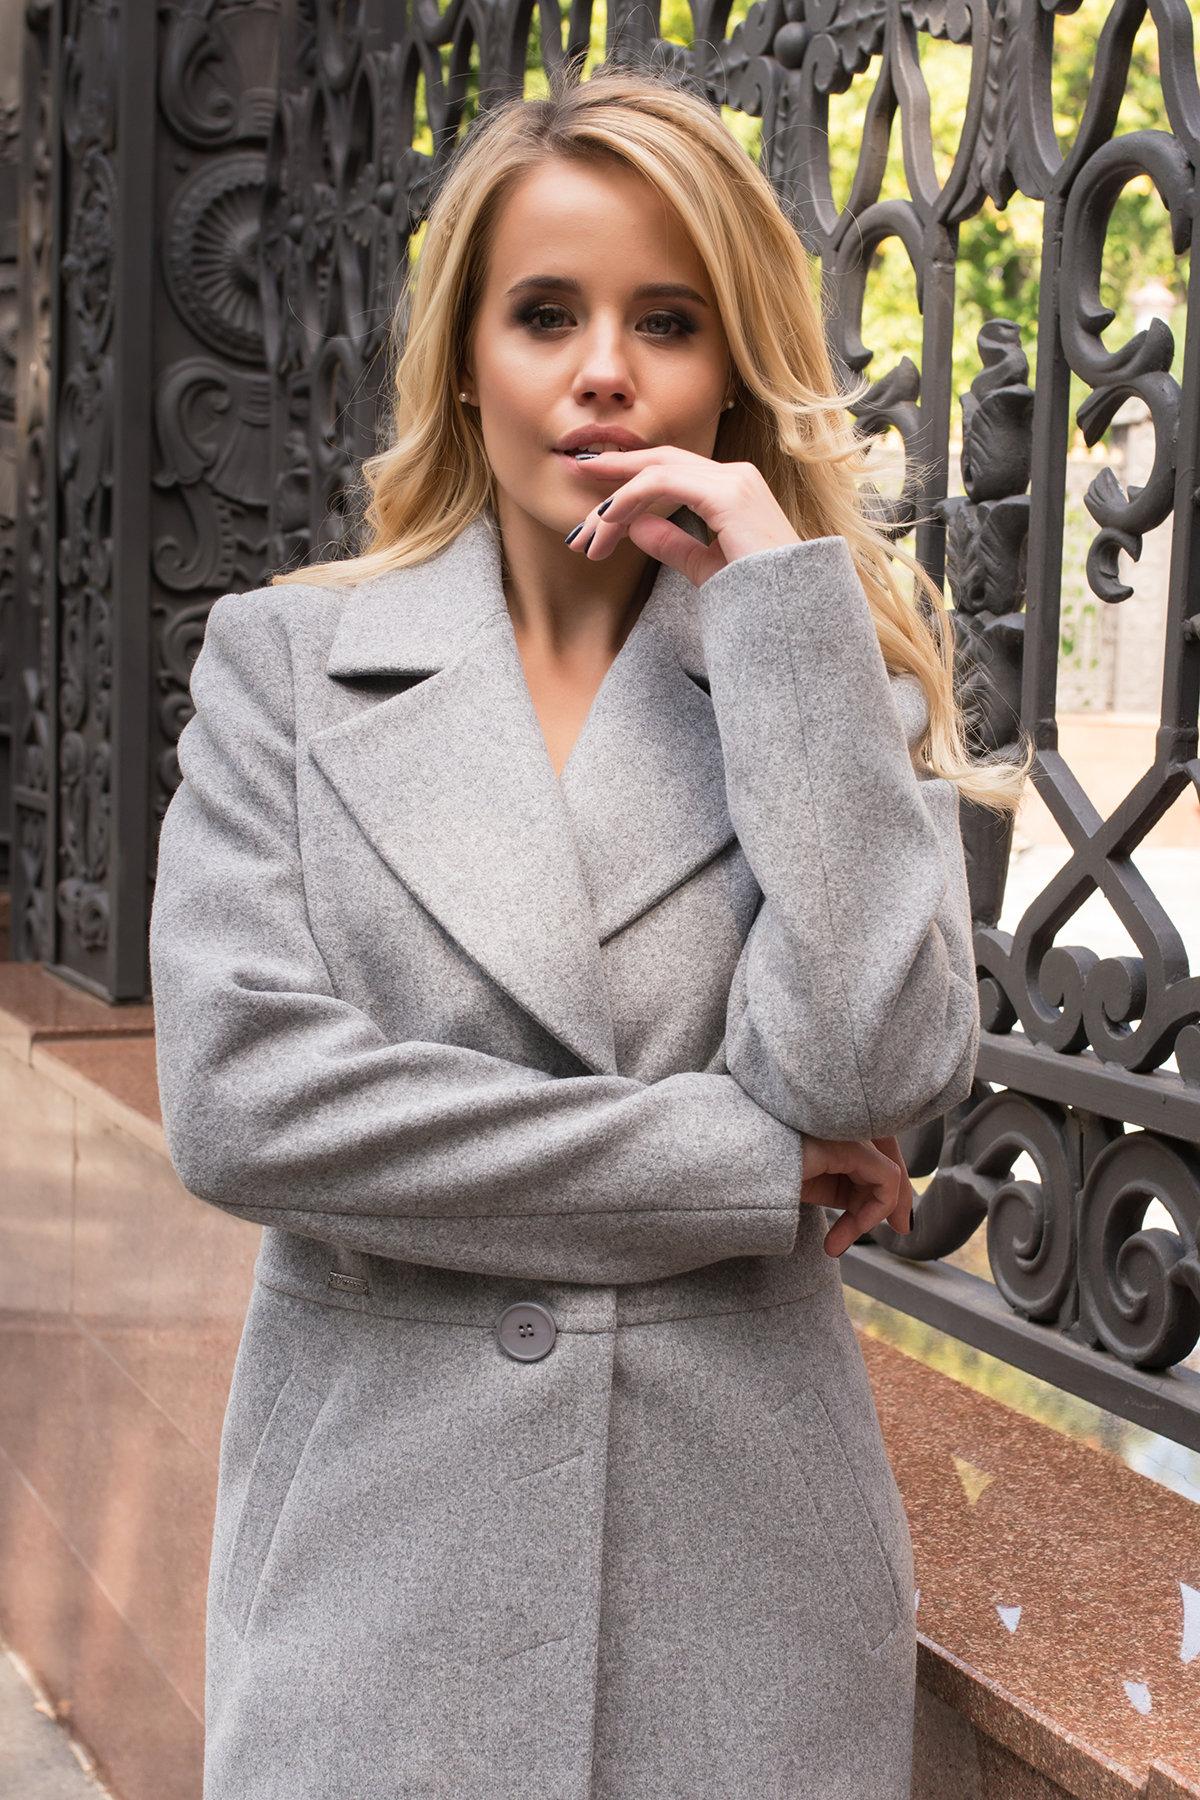 Элегантное демисезонное пальто выше колена Габриэлла 7825 АРТ. 43713 Цвет: Серый 49 - фото 4, интернет магазин tm-modus.ru